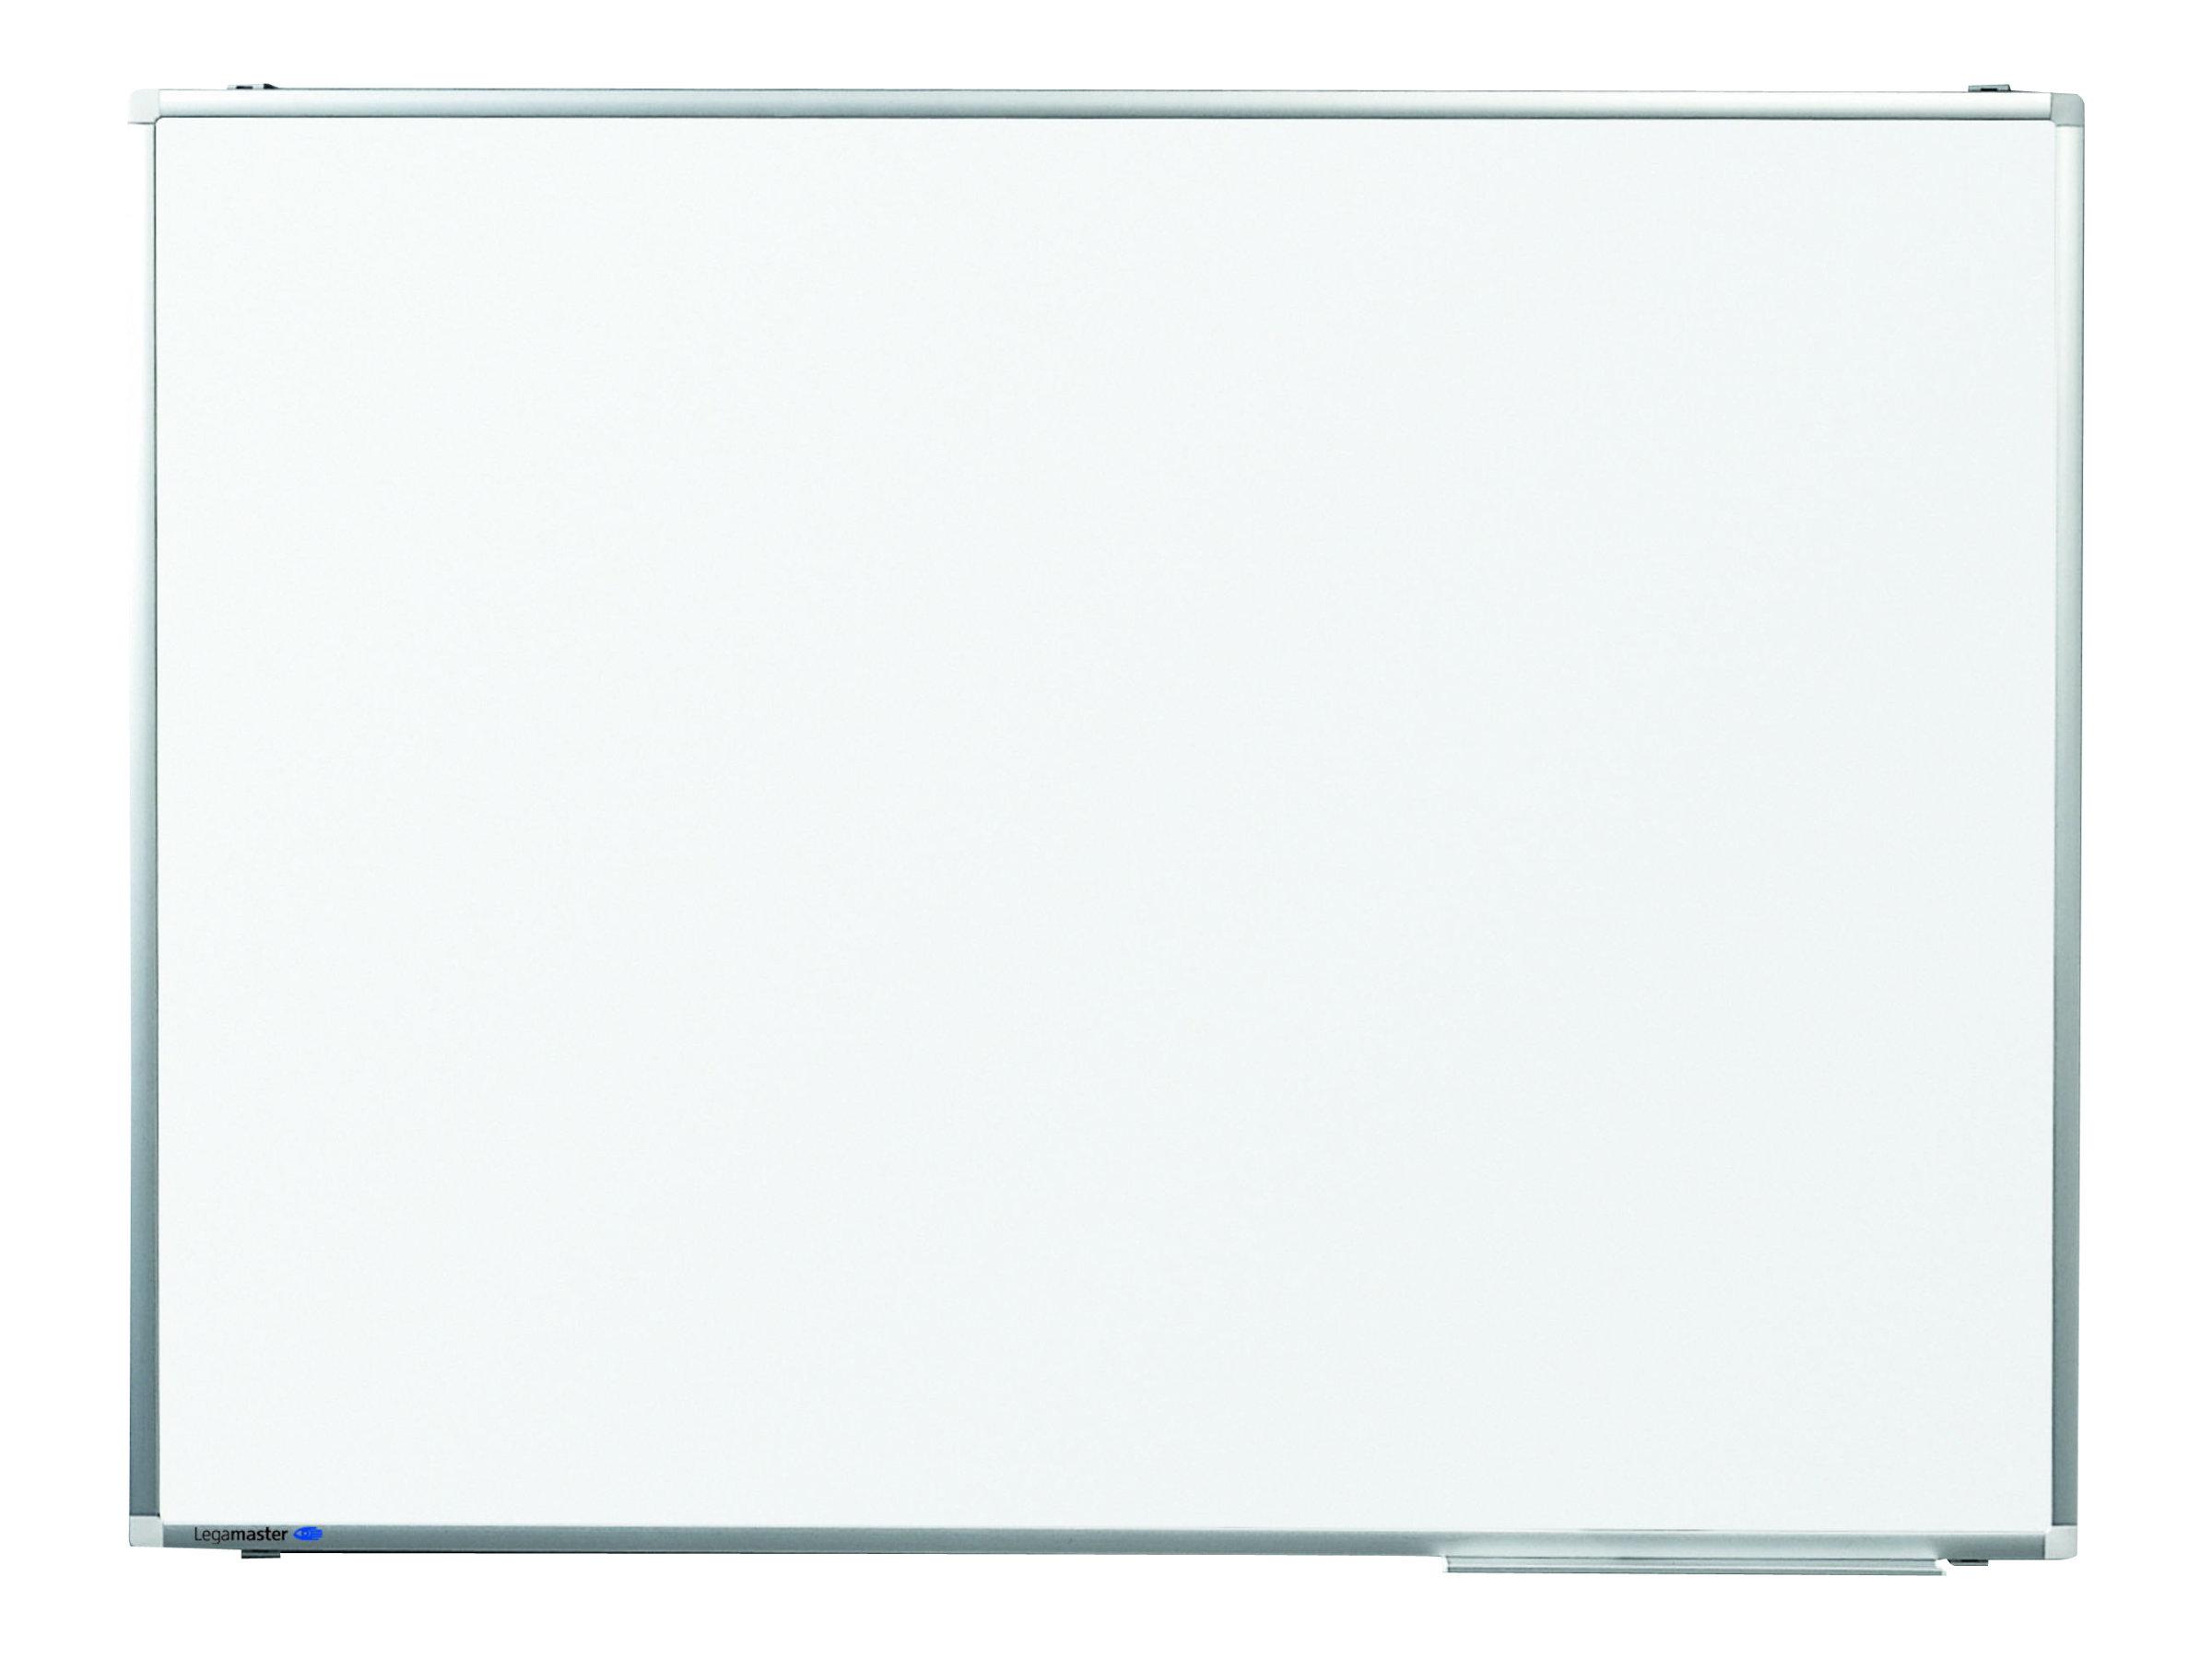 Legamaster PREMIUM PLUS - Whiteboard - geeignet für Wandmontage - 900 x 1800 mm - Glasur - magnetisch